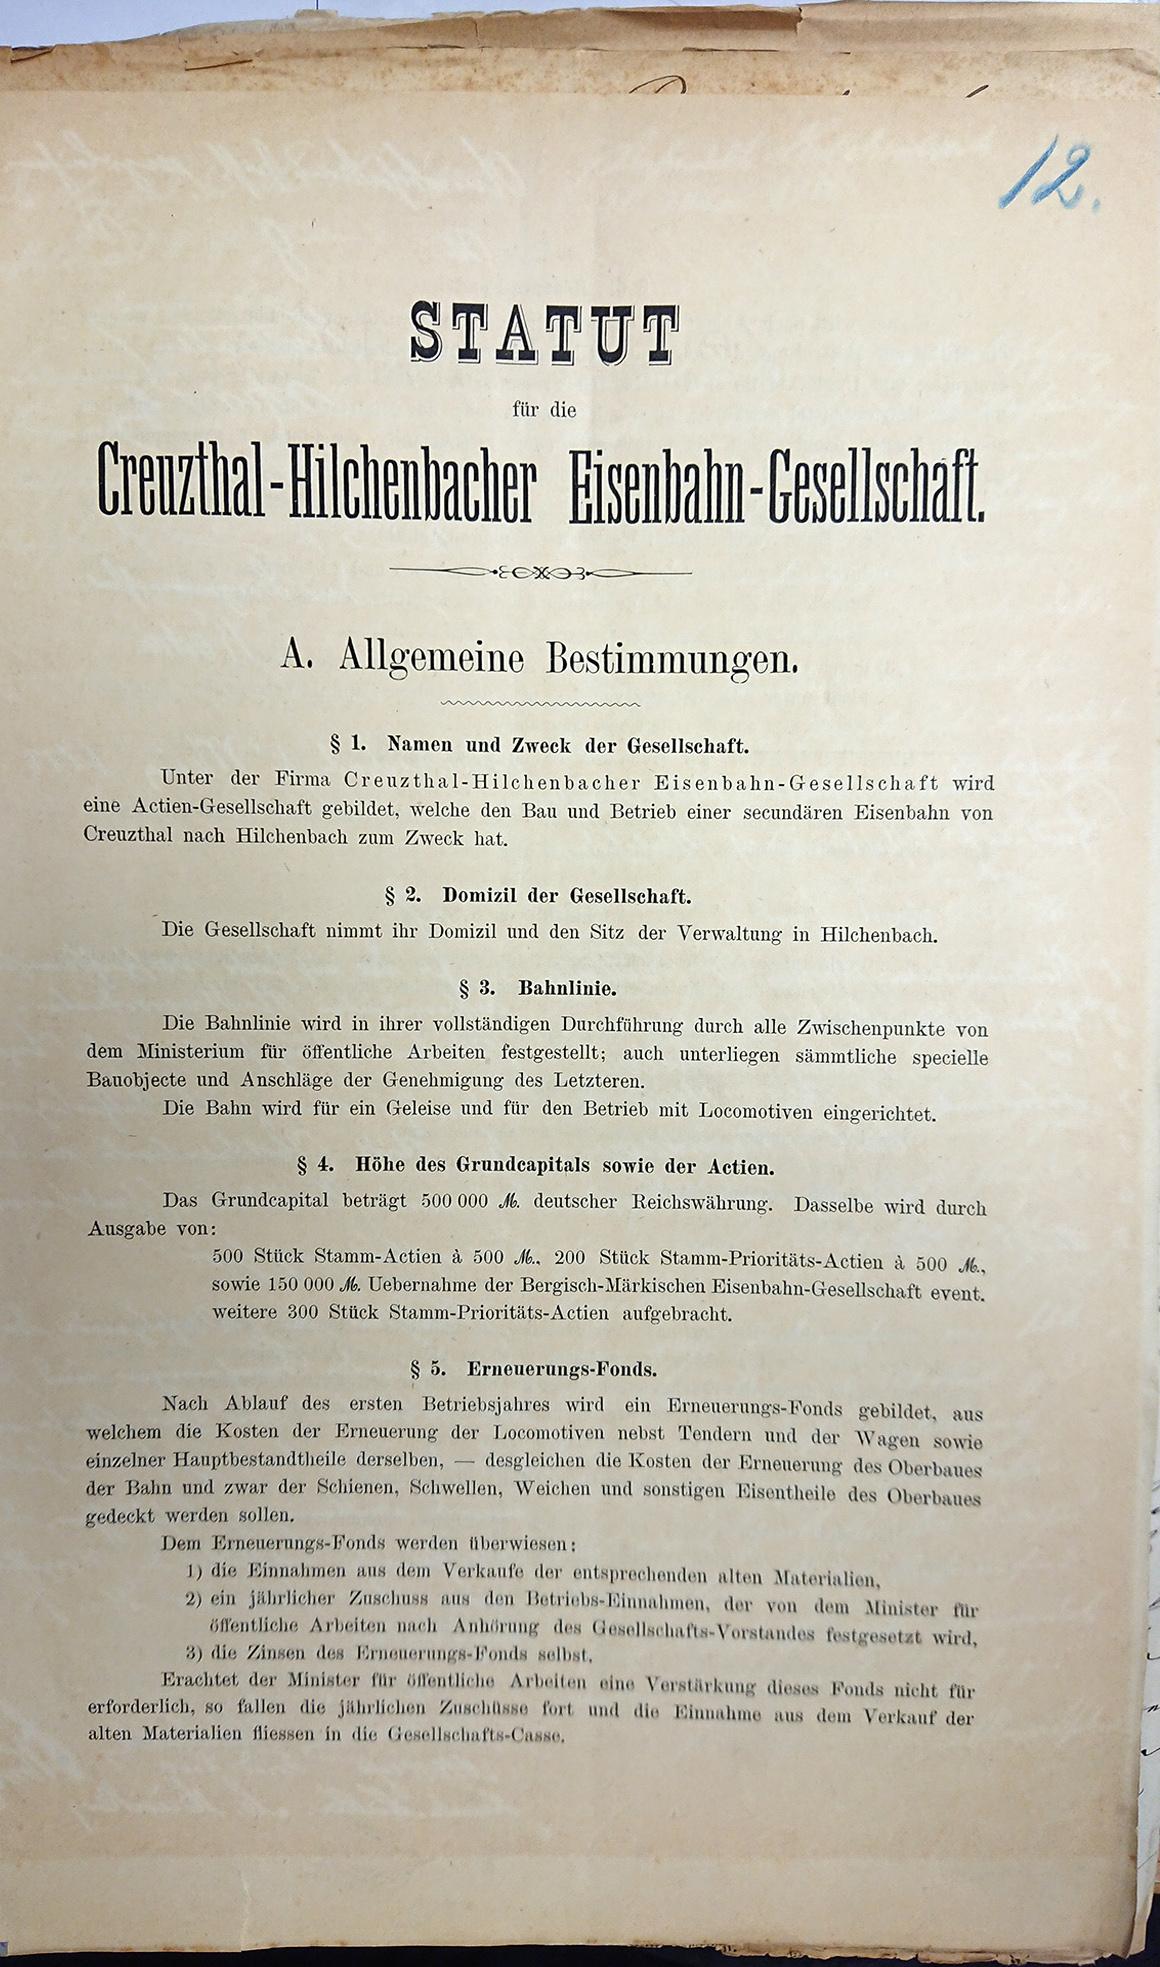 Statut für die Creuzthal-Hilchenbacher Eisenbahn-Gesellschaft